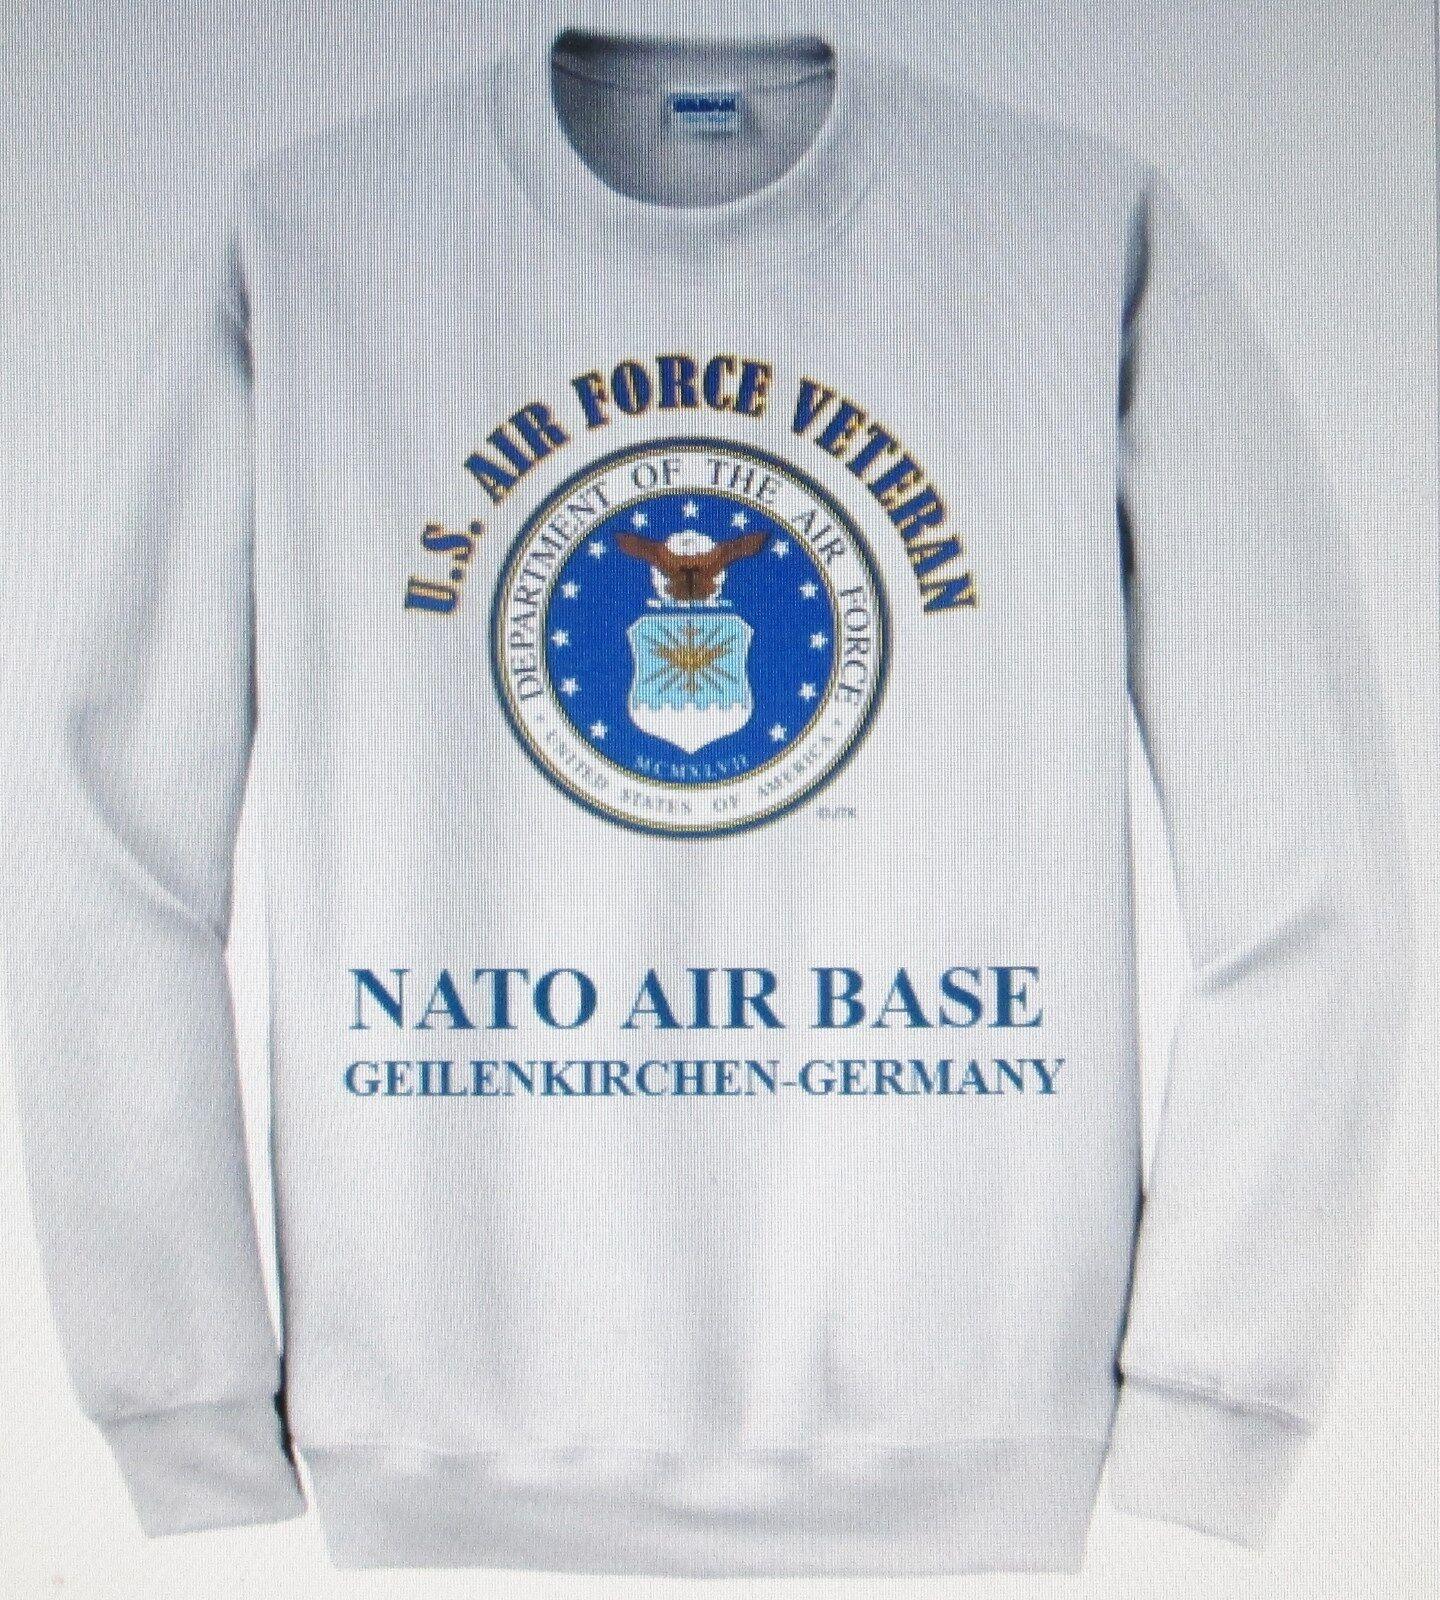 NATO AIR BASEGEILENKIRCHEN-GERMANYU.S. AIR FORCE EMBLEM SWEATSHIRT